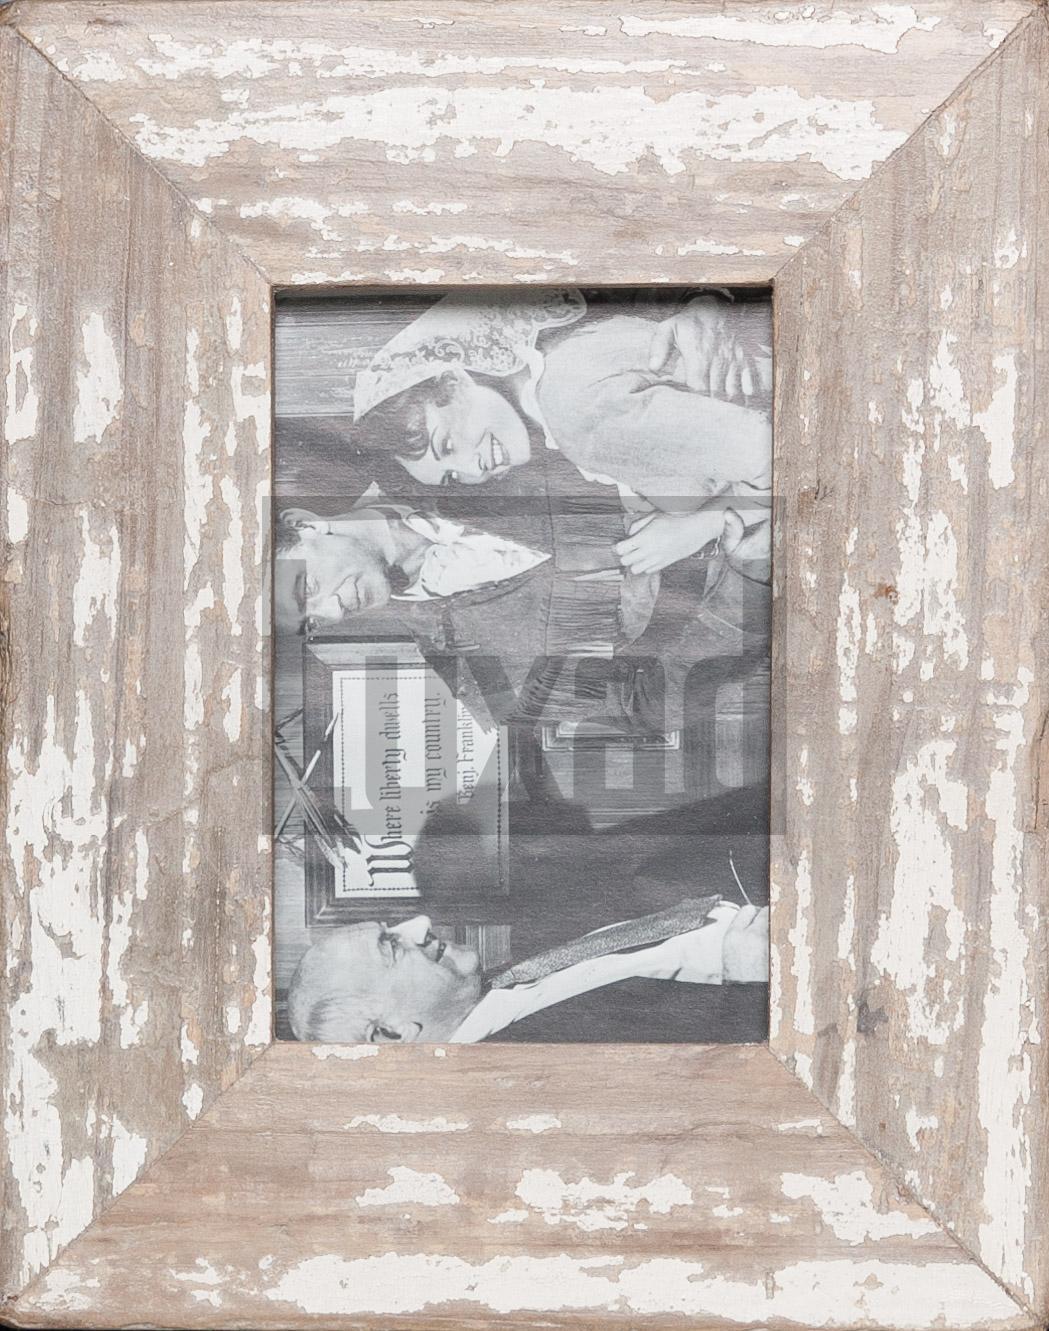 Holzrahmen für 10 x 15 cm große Fotos